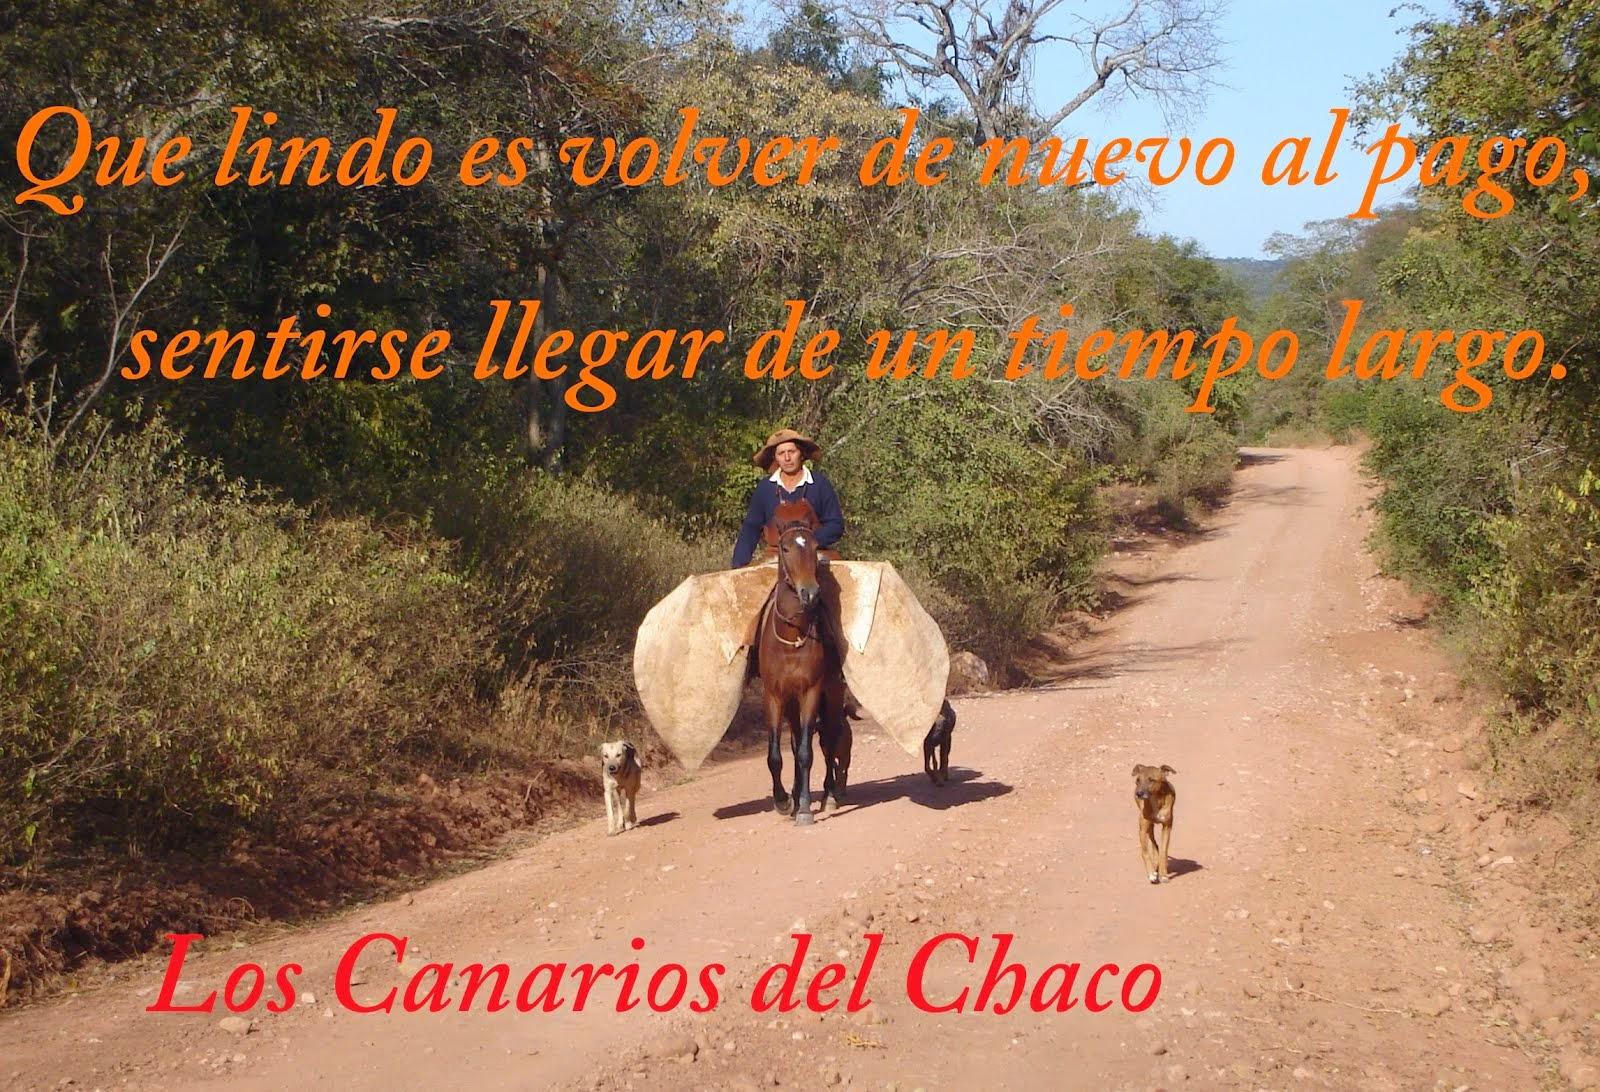 Los Canarios del Chaco Boliviano